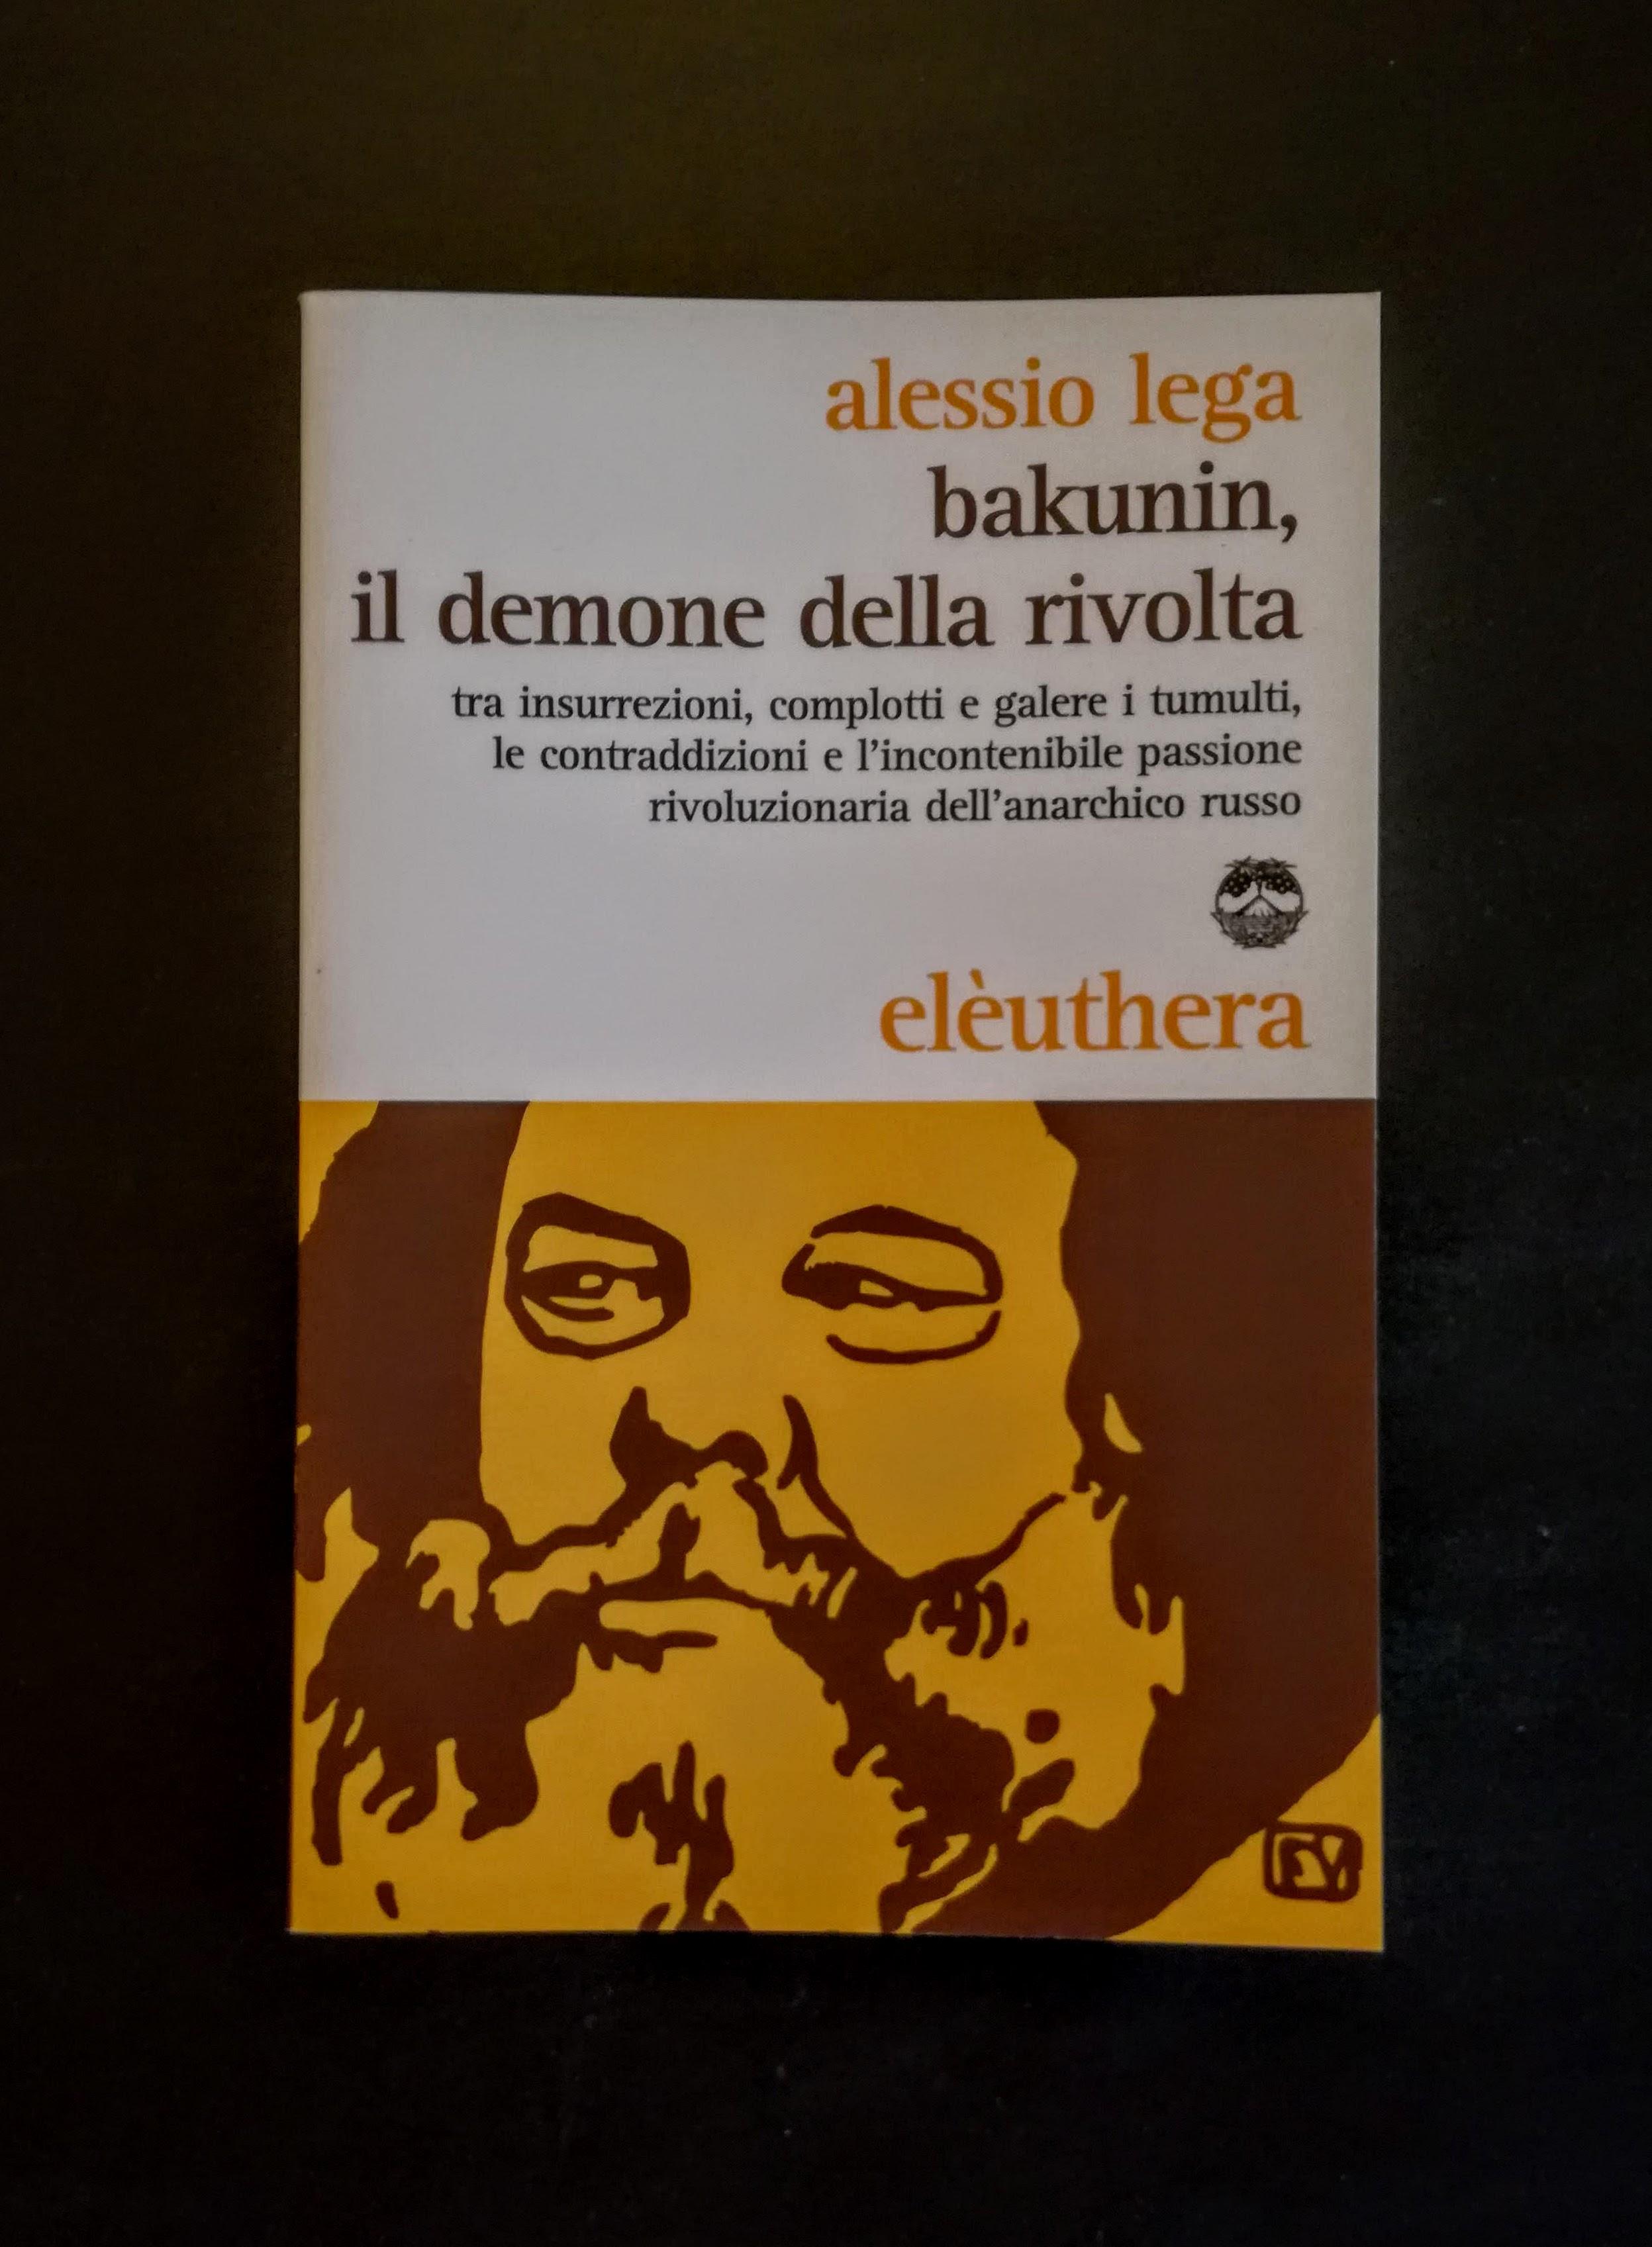 Bakunin - il demone della rivolta. Tra insurrezioni, complotti e galere i tumulti, le contraddizioni e l'incontenibile passione rivoluzionaria dell'anarchico russo